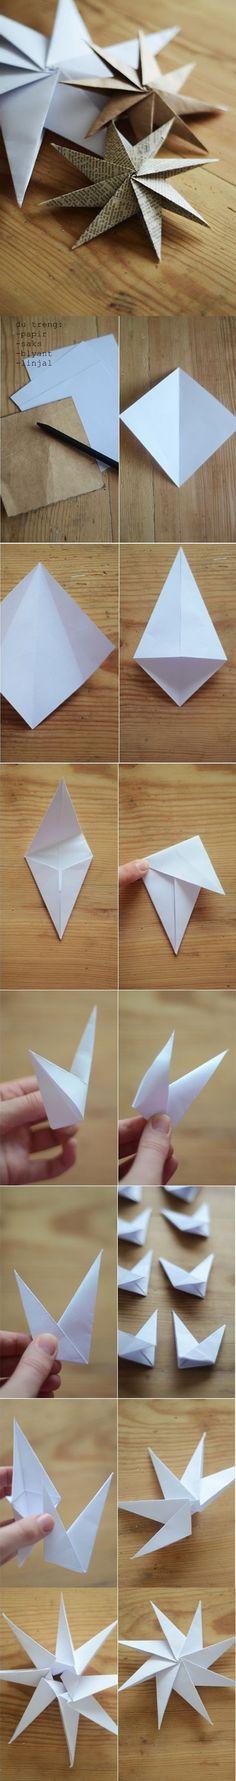 DIY : Paper Star Ornaments